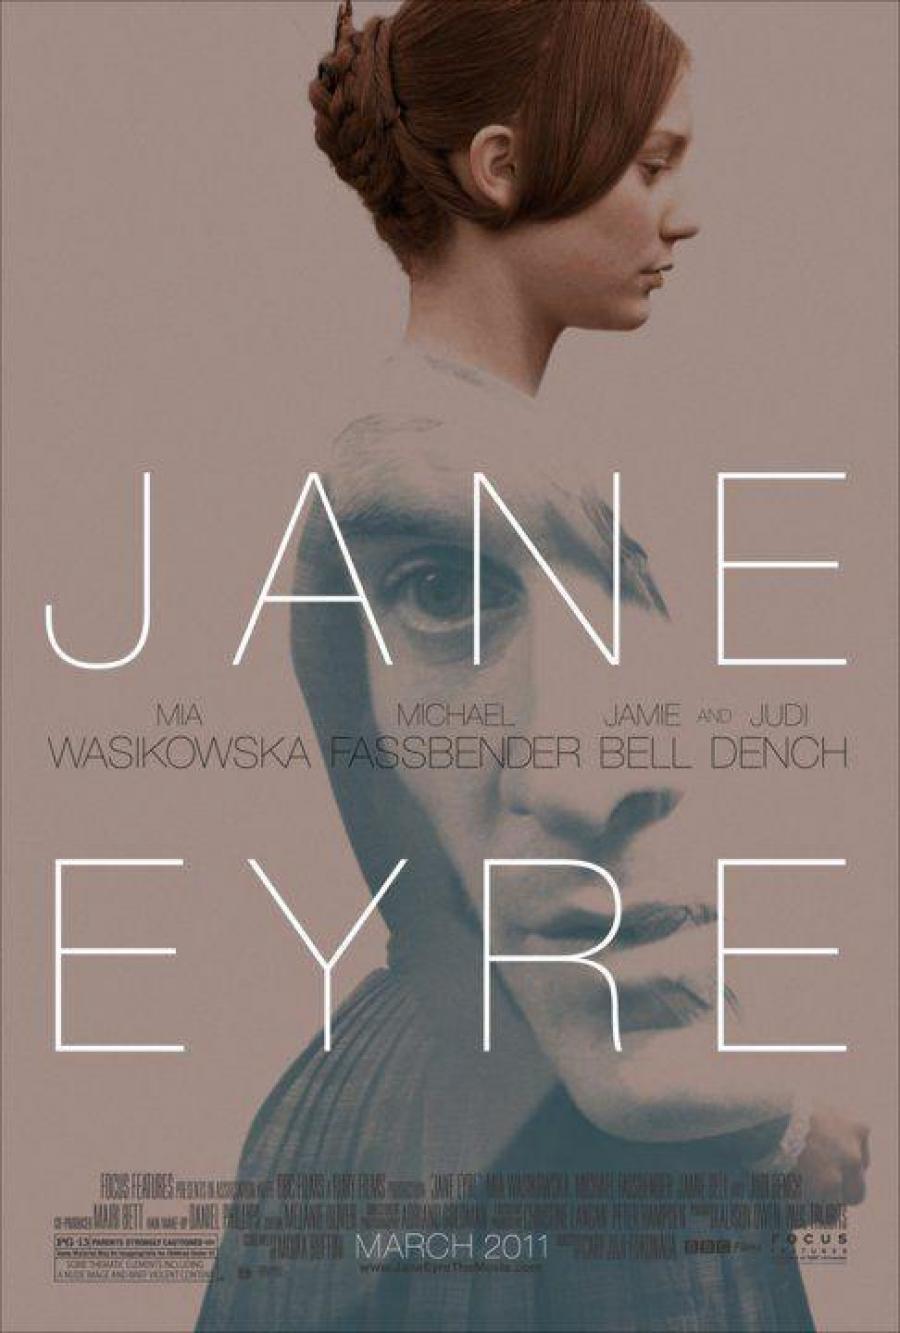 Jane Eyre er en filmatisering af romanklassikeren af samme navn